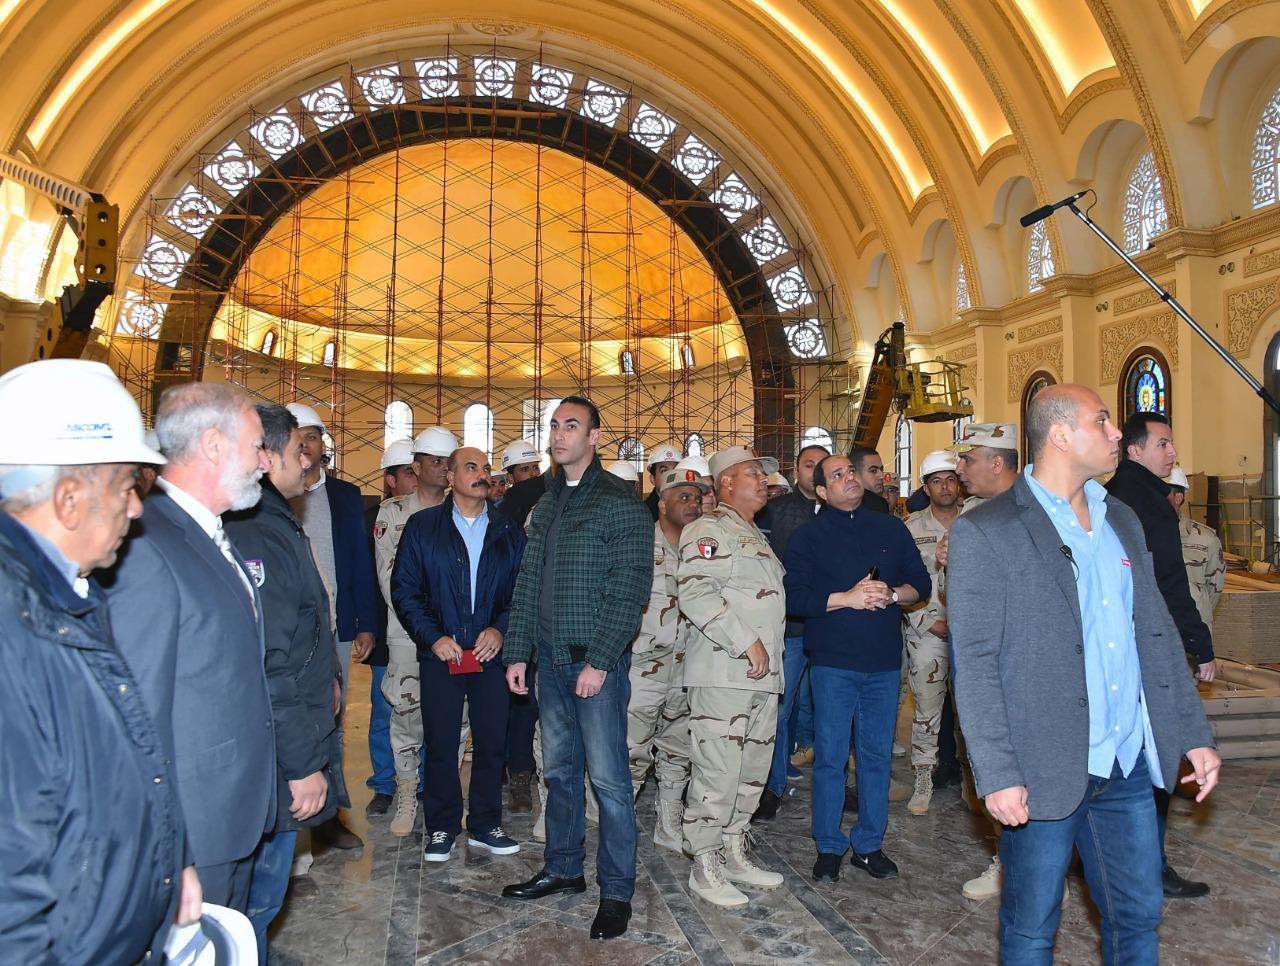 زيارة السيسي للكاتدرائية في العاصمة الاداري